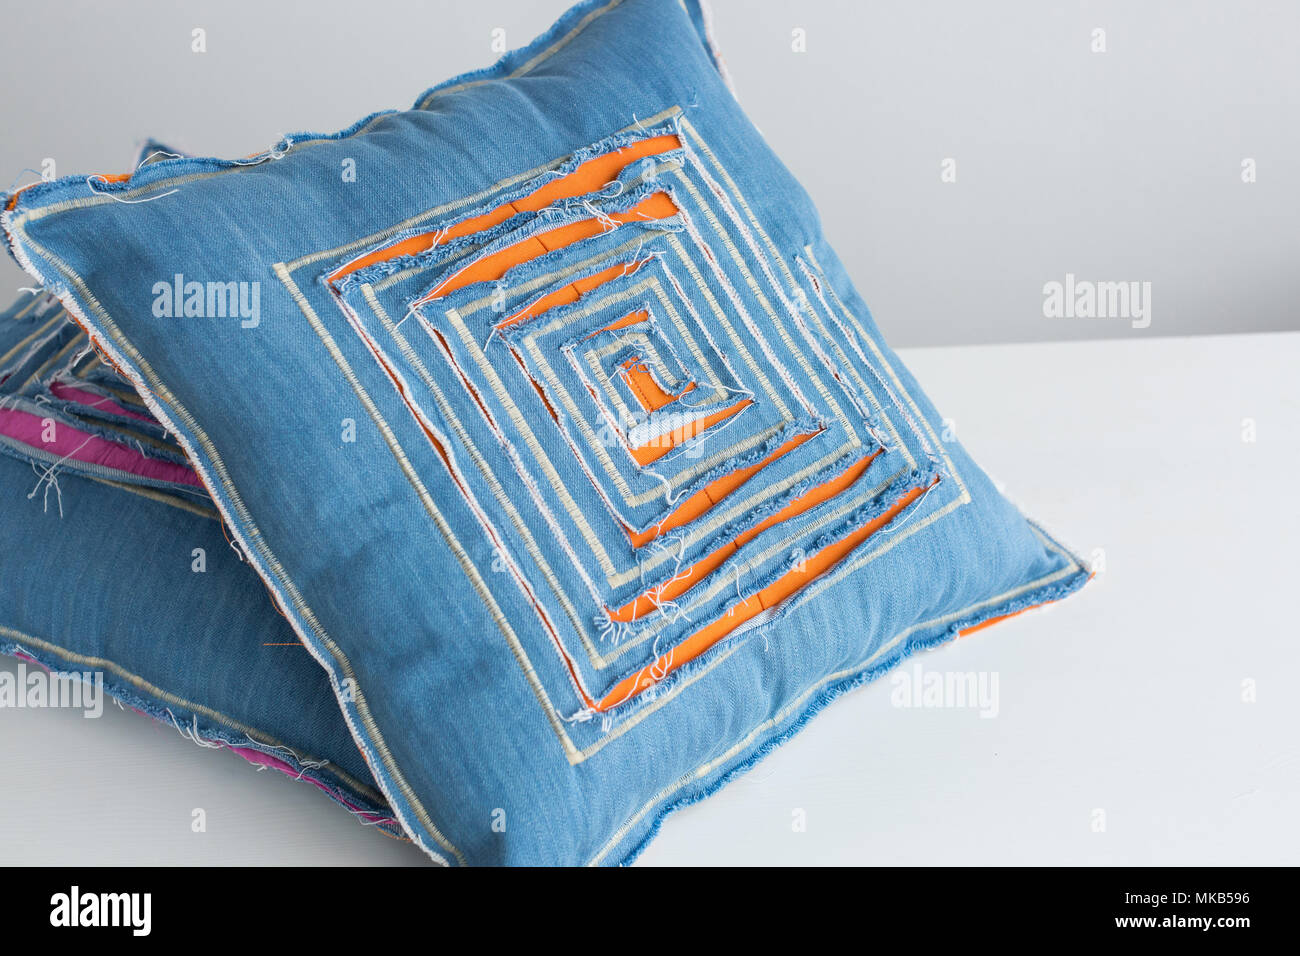 Cuscini Di Jeans.Fatte A Mano Interior Design Concetto Di Artigianato Close Up